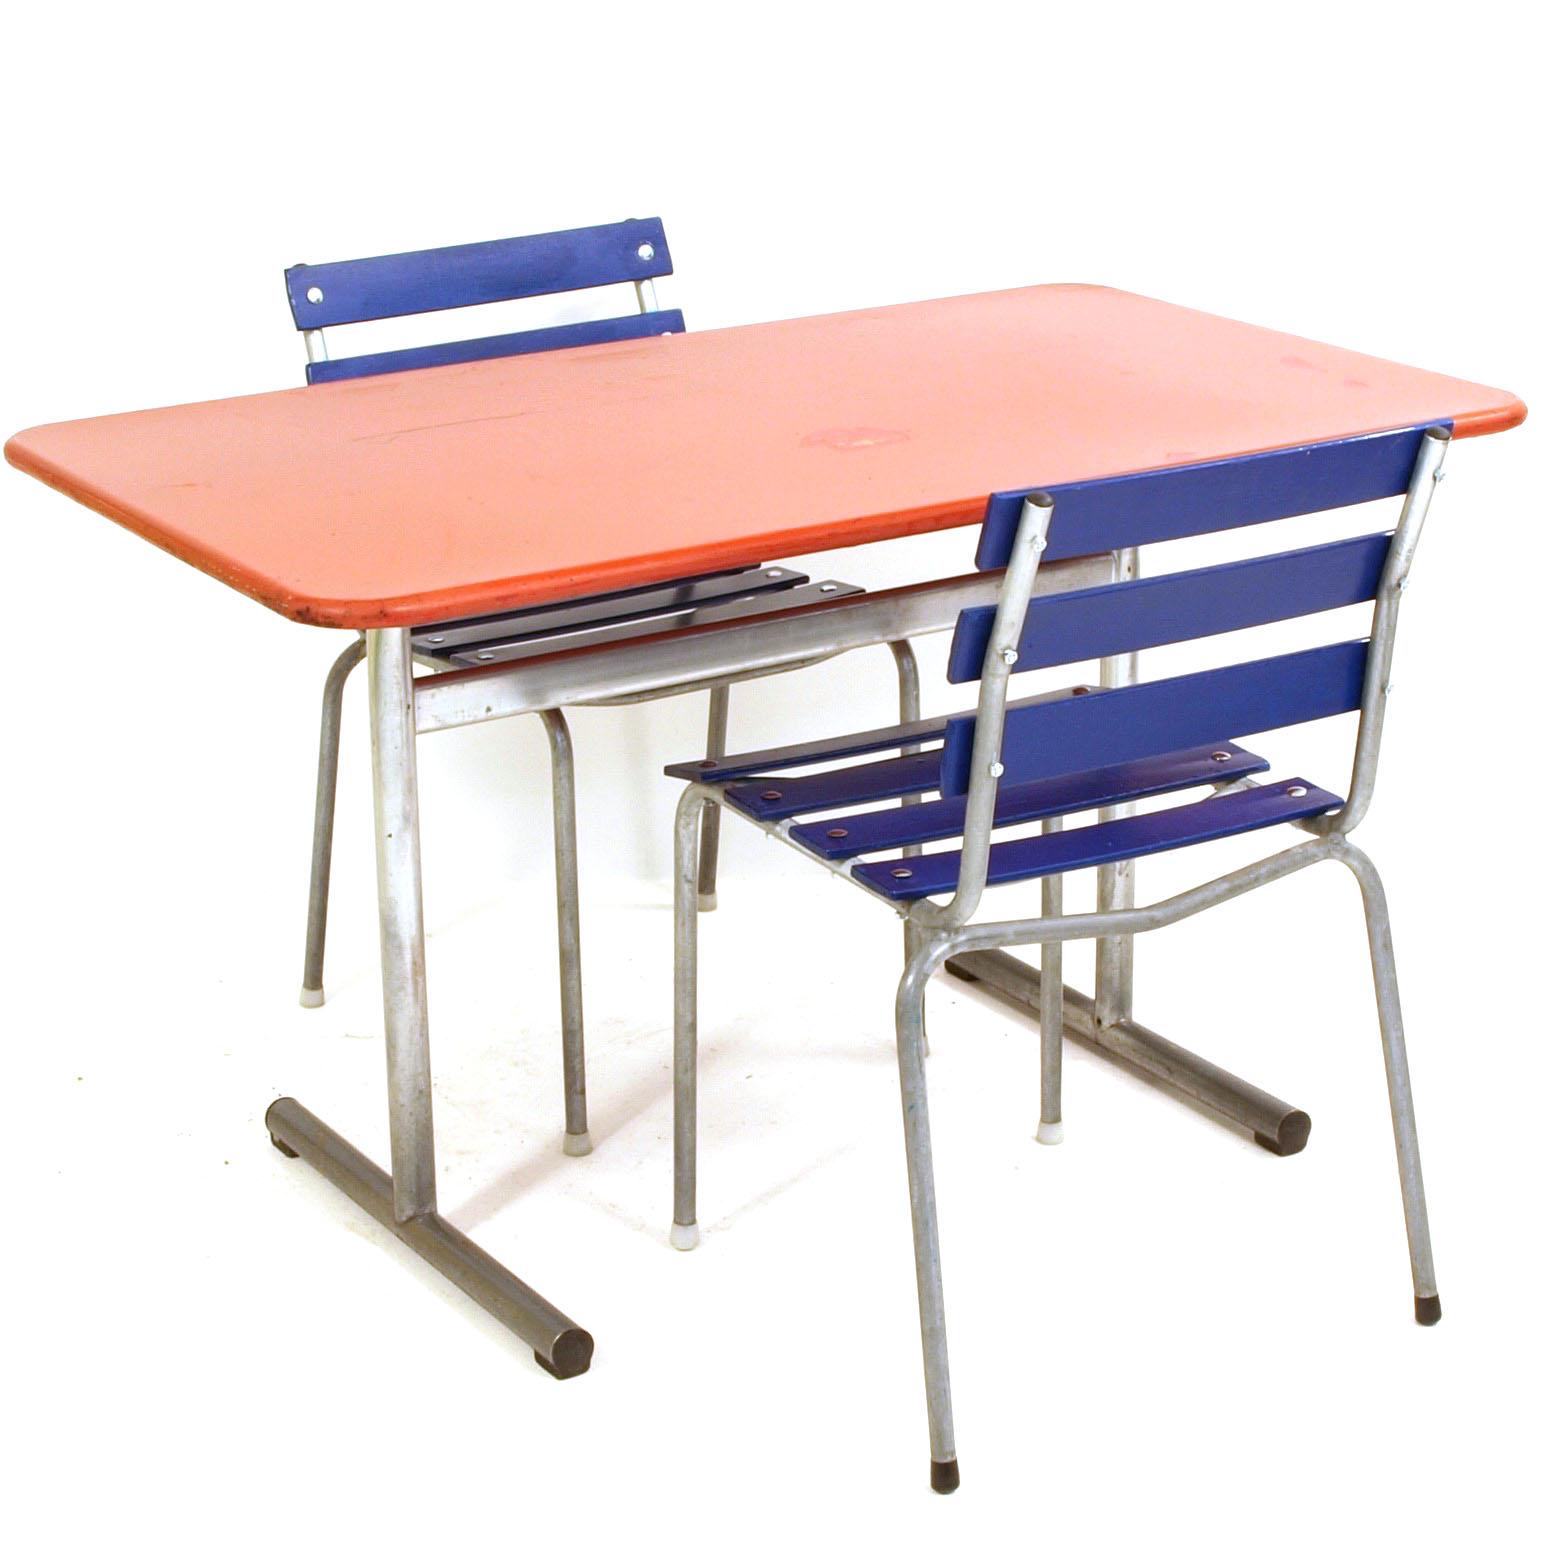 Gartentisch zum klappen teak gartentisch x cm bild with gartentisch zum klappen free beautiful - Gartentisch zum klappen ...